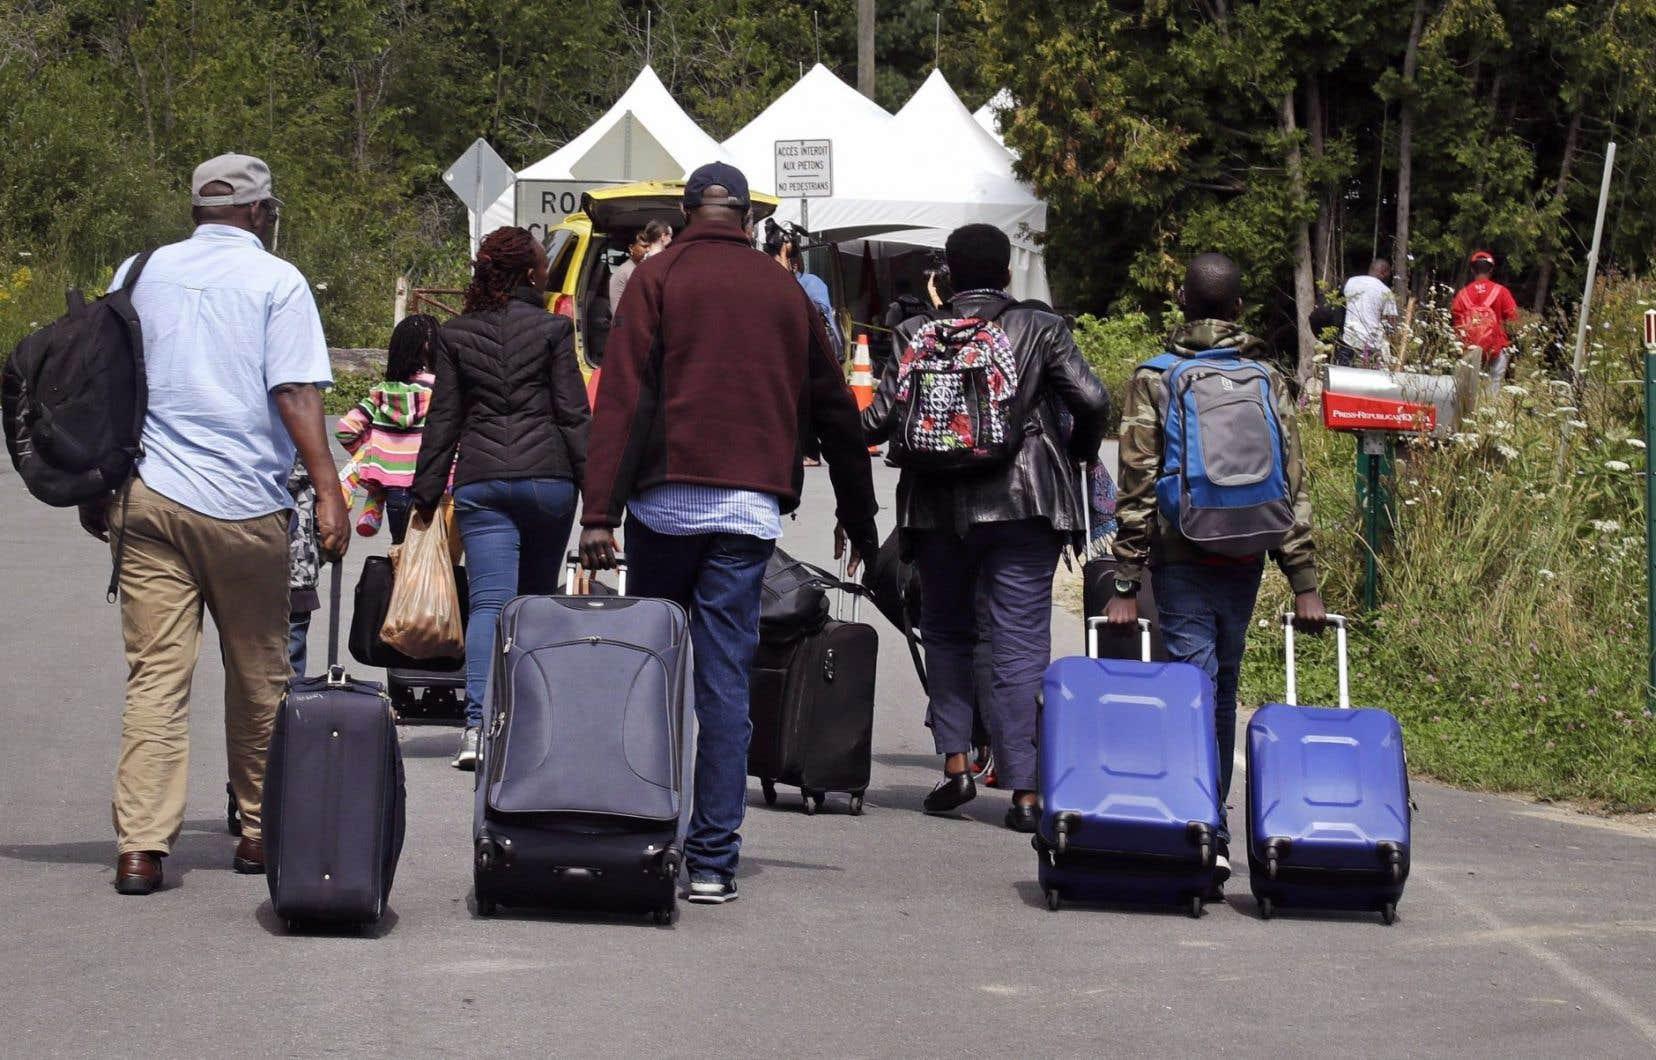 37% des personnes interrogées ne croient pas qu'il faille empêcher les migrants d'entrer au pays directement à la frontière canado-américaine.